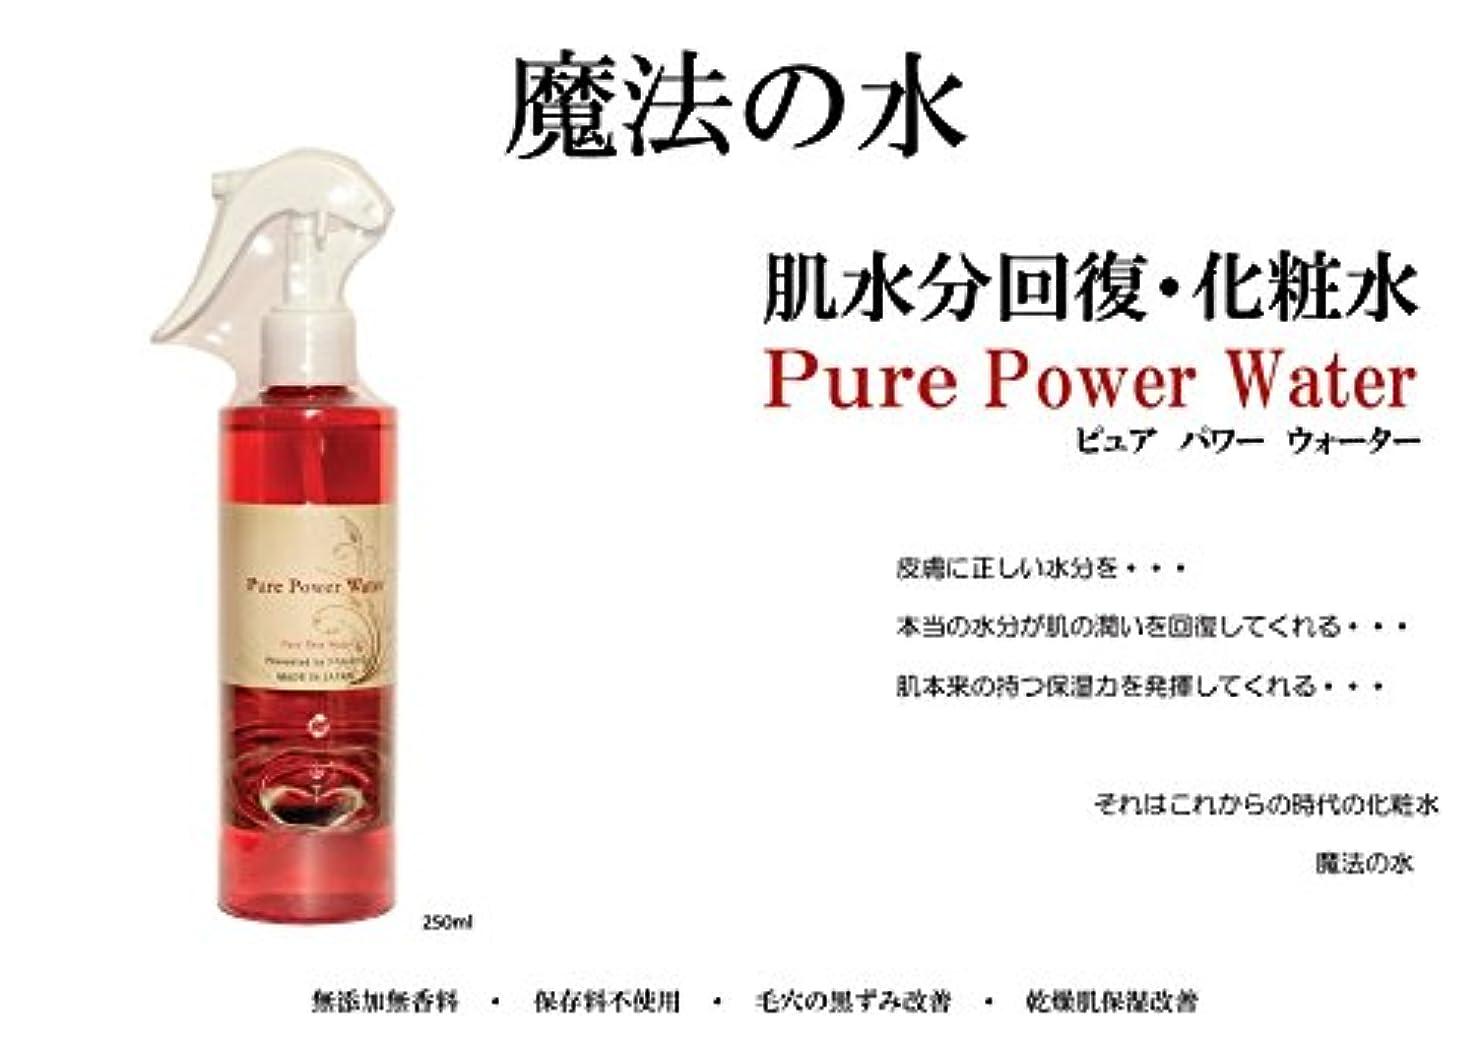 追加するもう一度振幅基礎化粧水 Pure Power Water 化粧水 マイナスイオン ブースター 魔法の化粧水